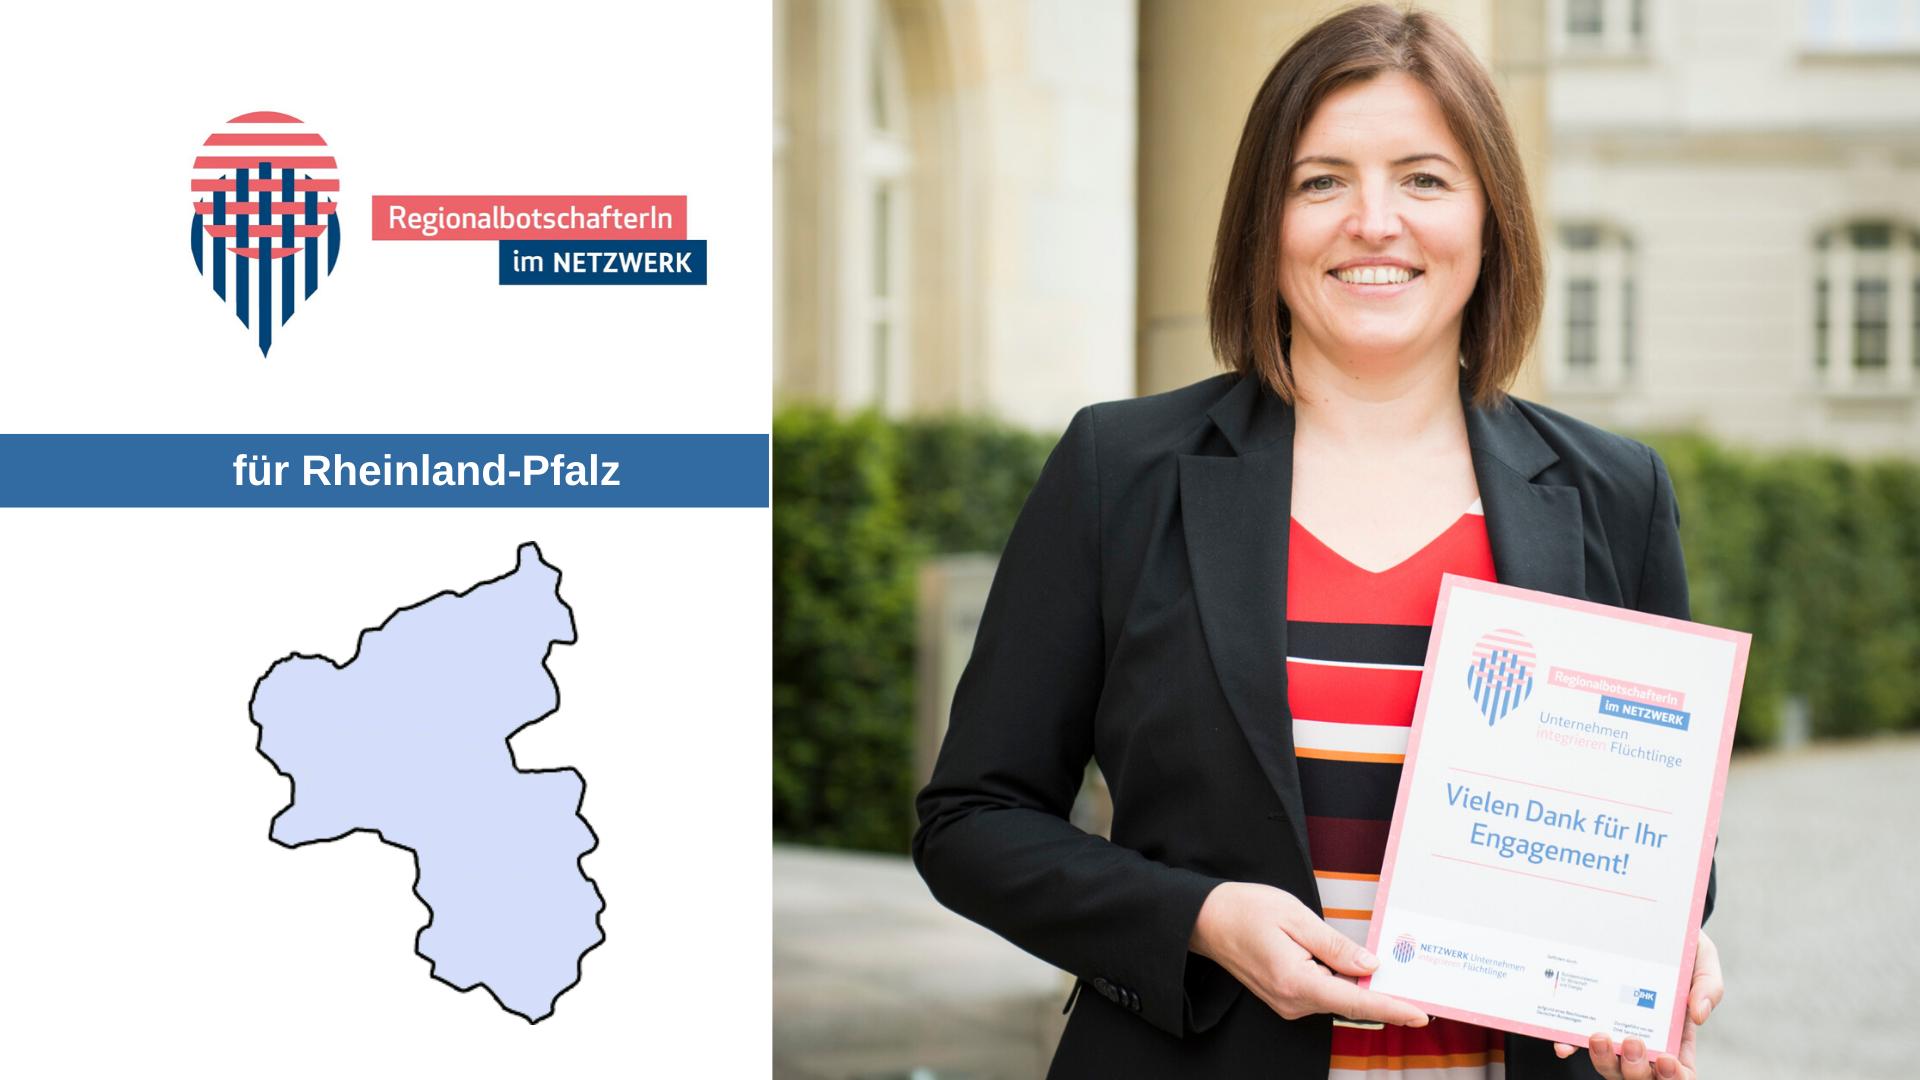 4 Fragen an unsere Regionalbotschafterin aus Rheinland-Pfalz